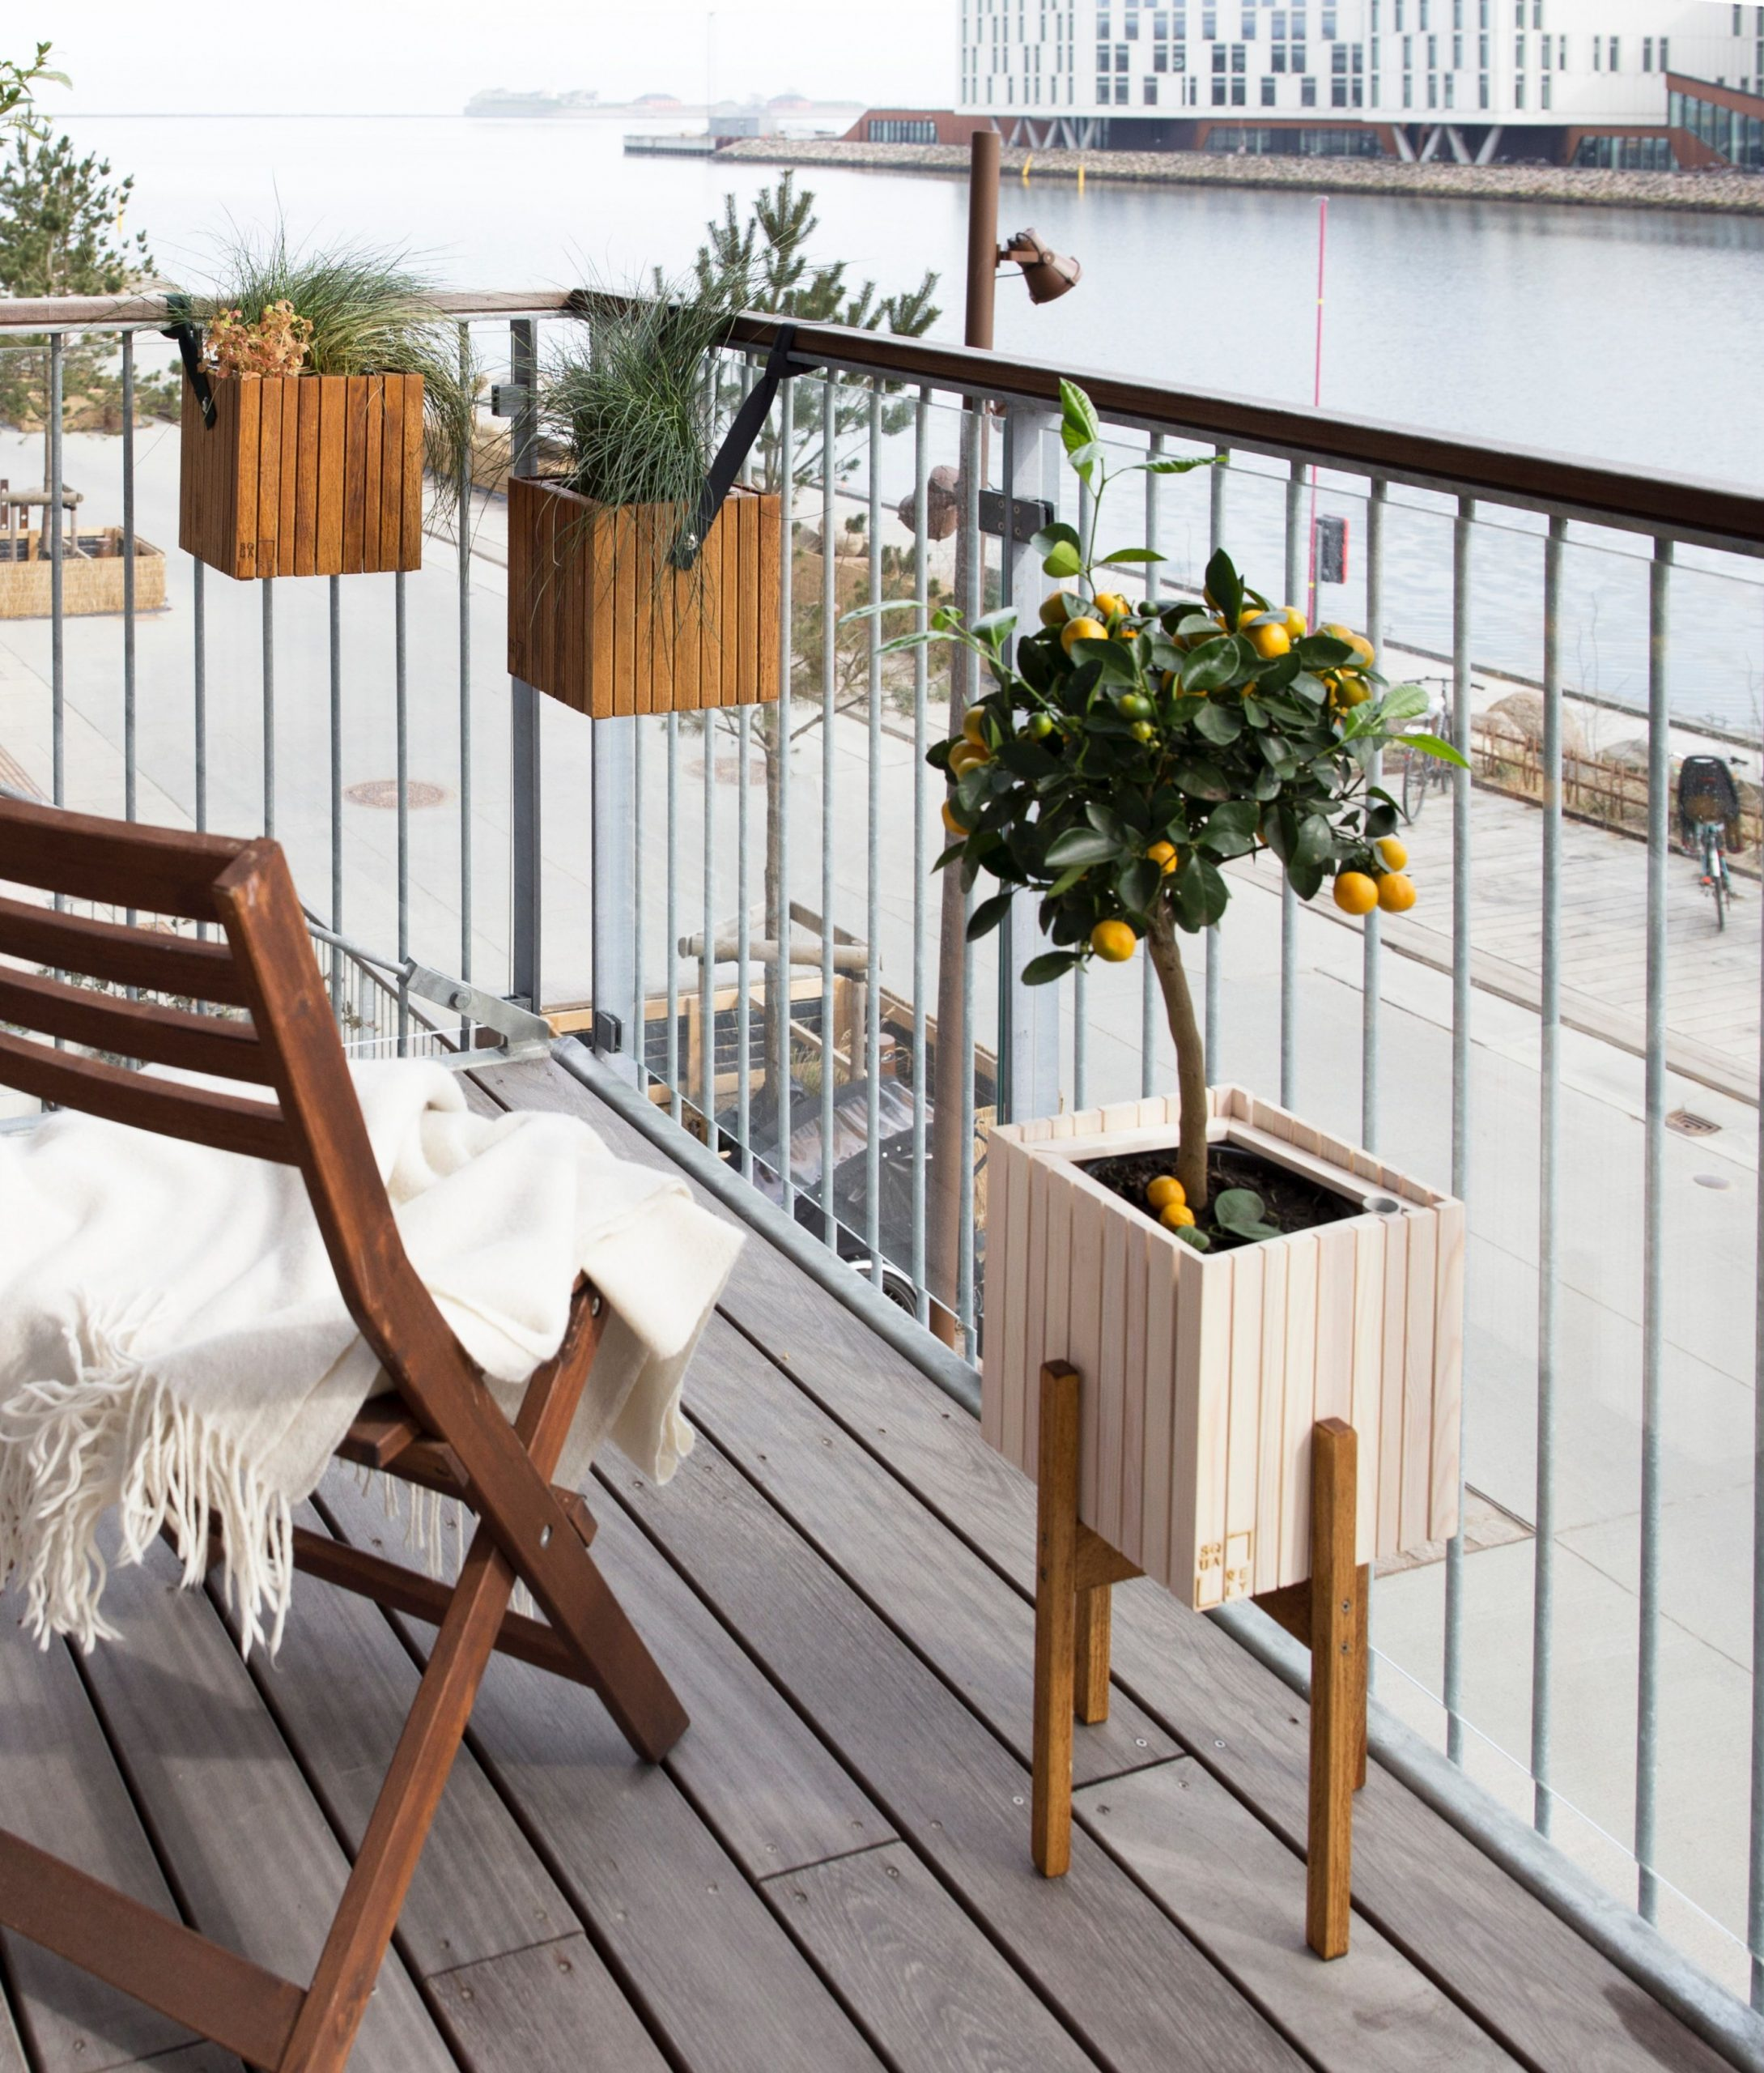 10 Ways to Maximize Your Small Balcony Space - Balcony Ideas Apartment